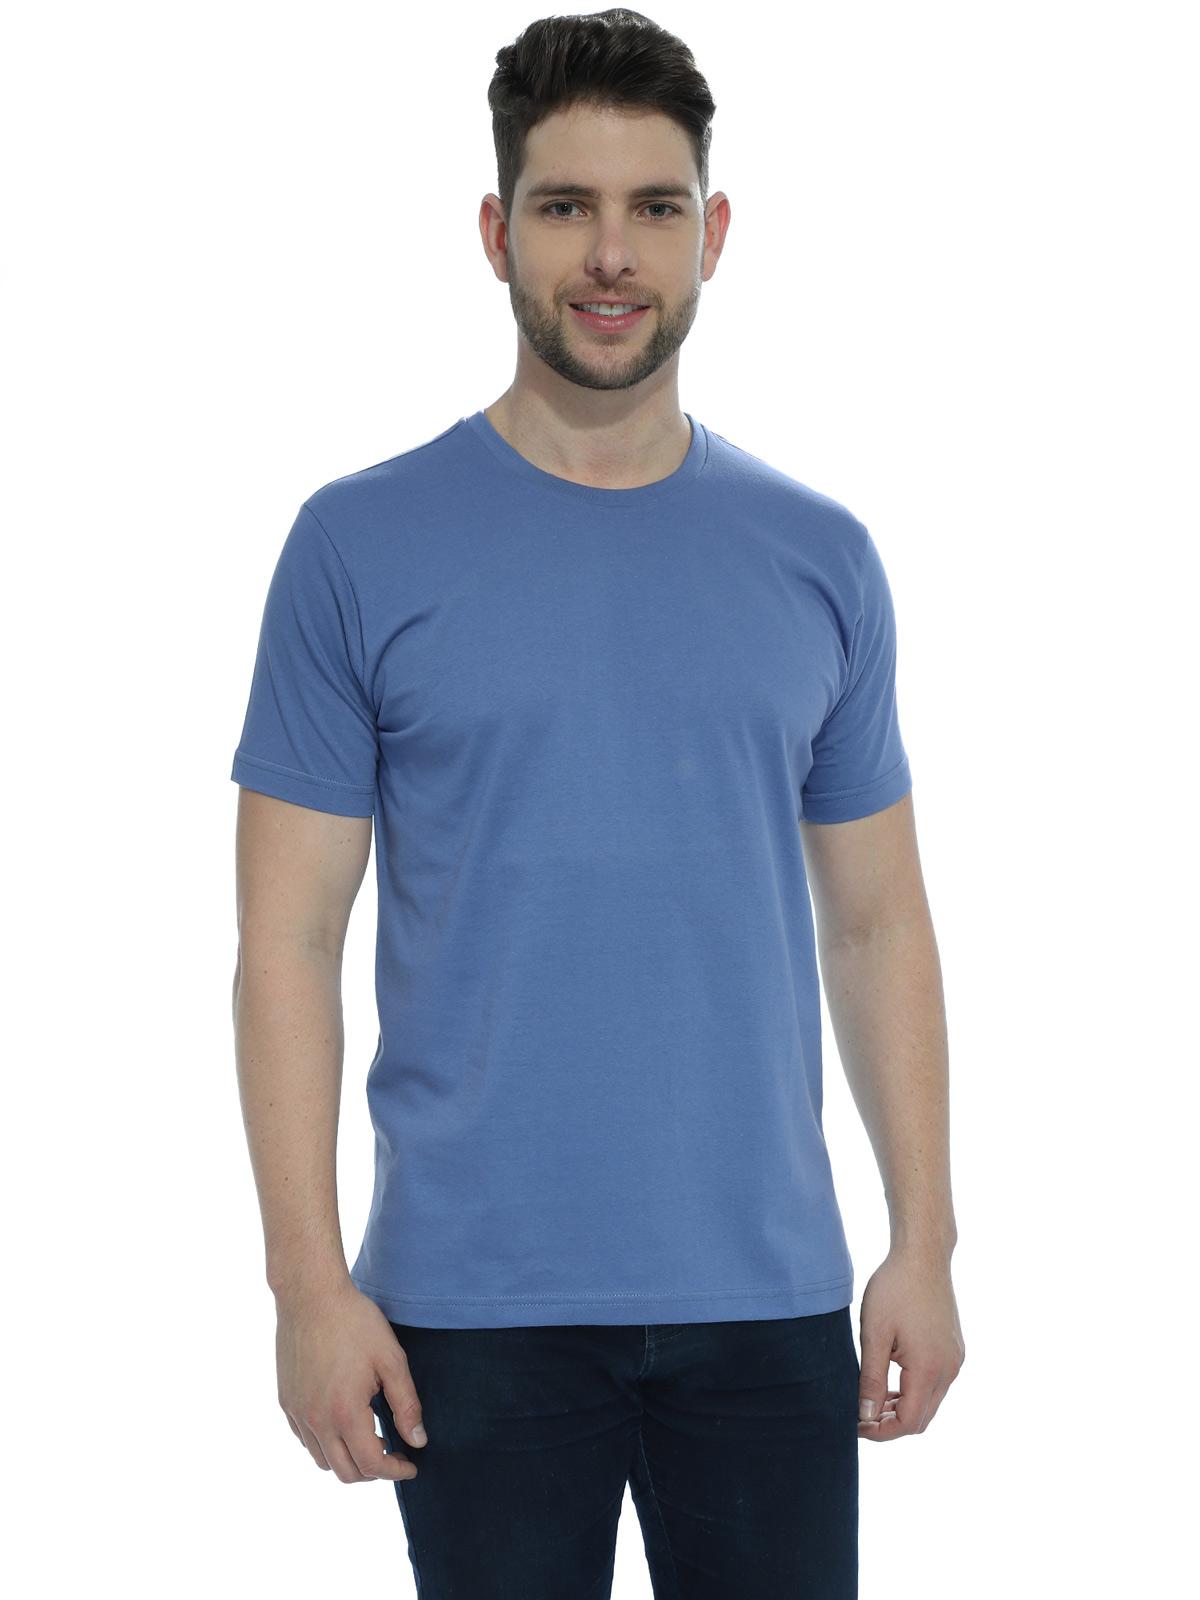 Camiseta Masculina Algodão Manga Curta Básica Lisa Indigo